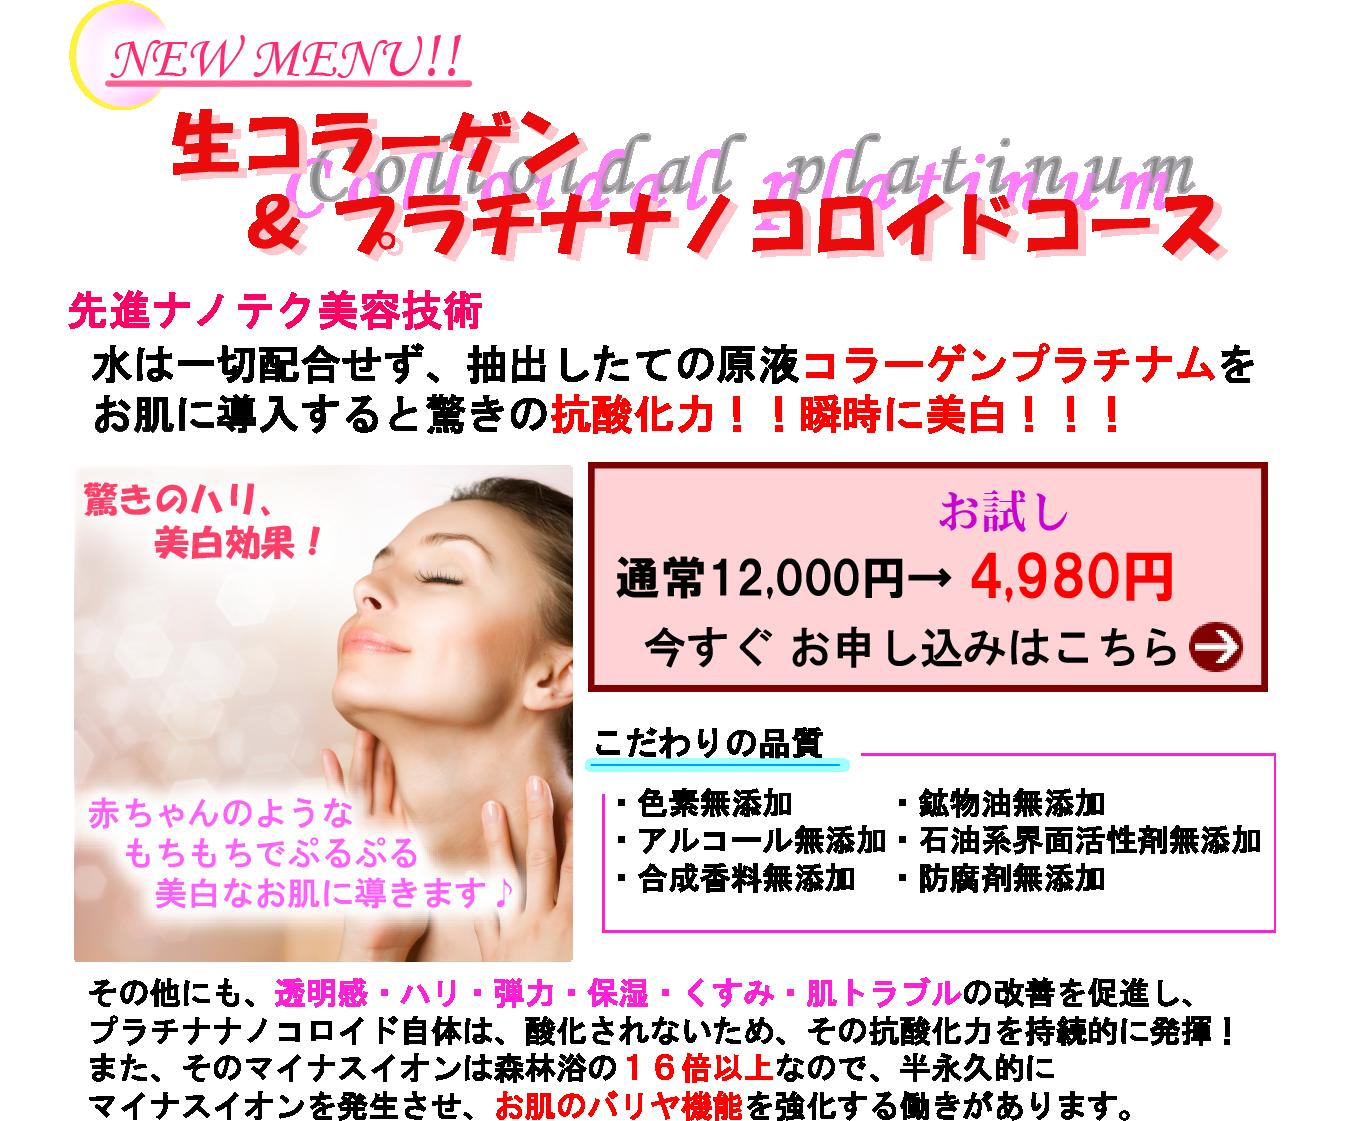 春日井、名古屋、美顔、フェイスケア、小顔、リフティング、シミ、そばかす、フォトRF、今だけ 通常13,000円を3,980円で!!